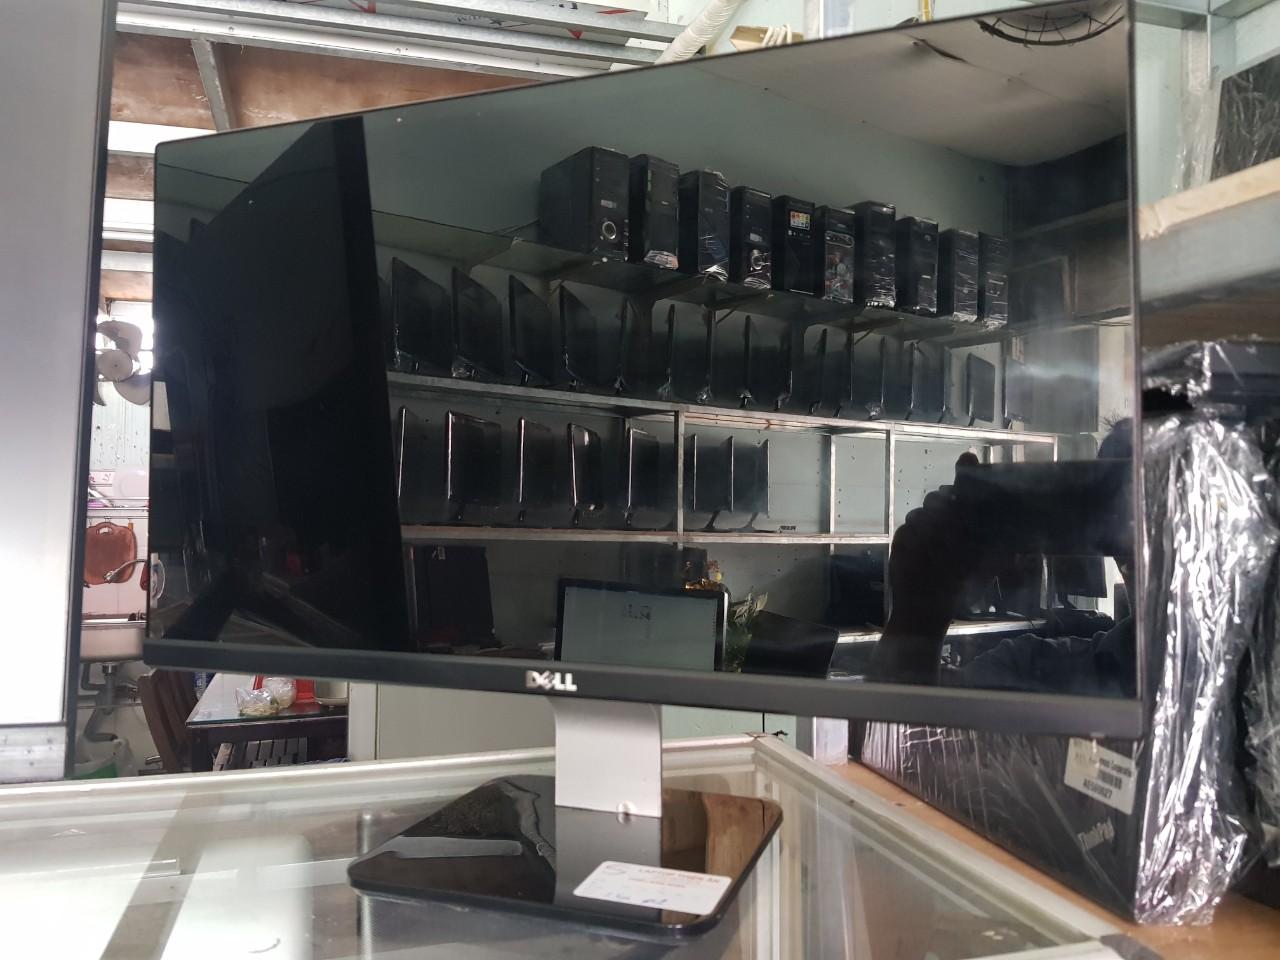 màn hình dell s2240lc full viền ips sọc giữa chính hãng